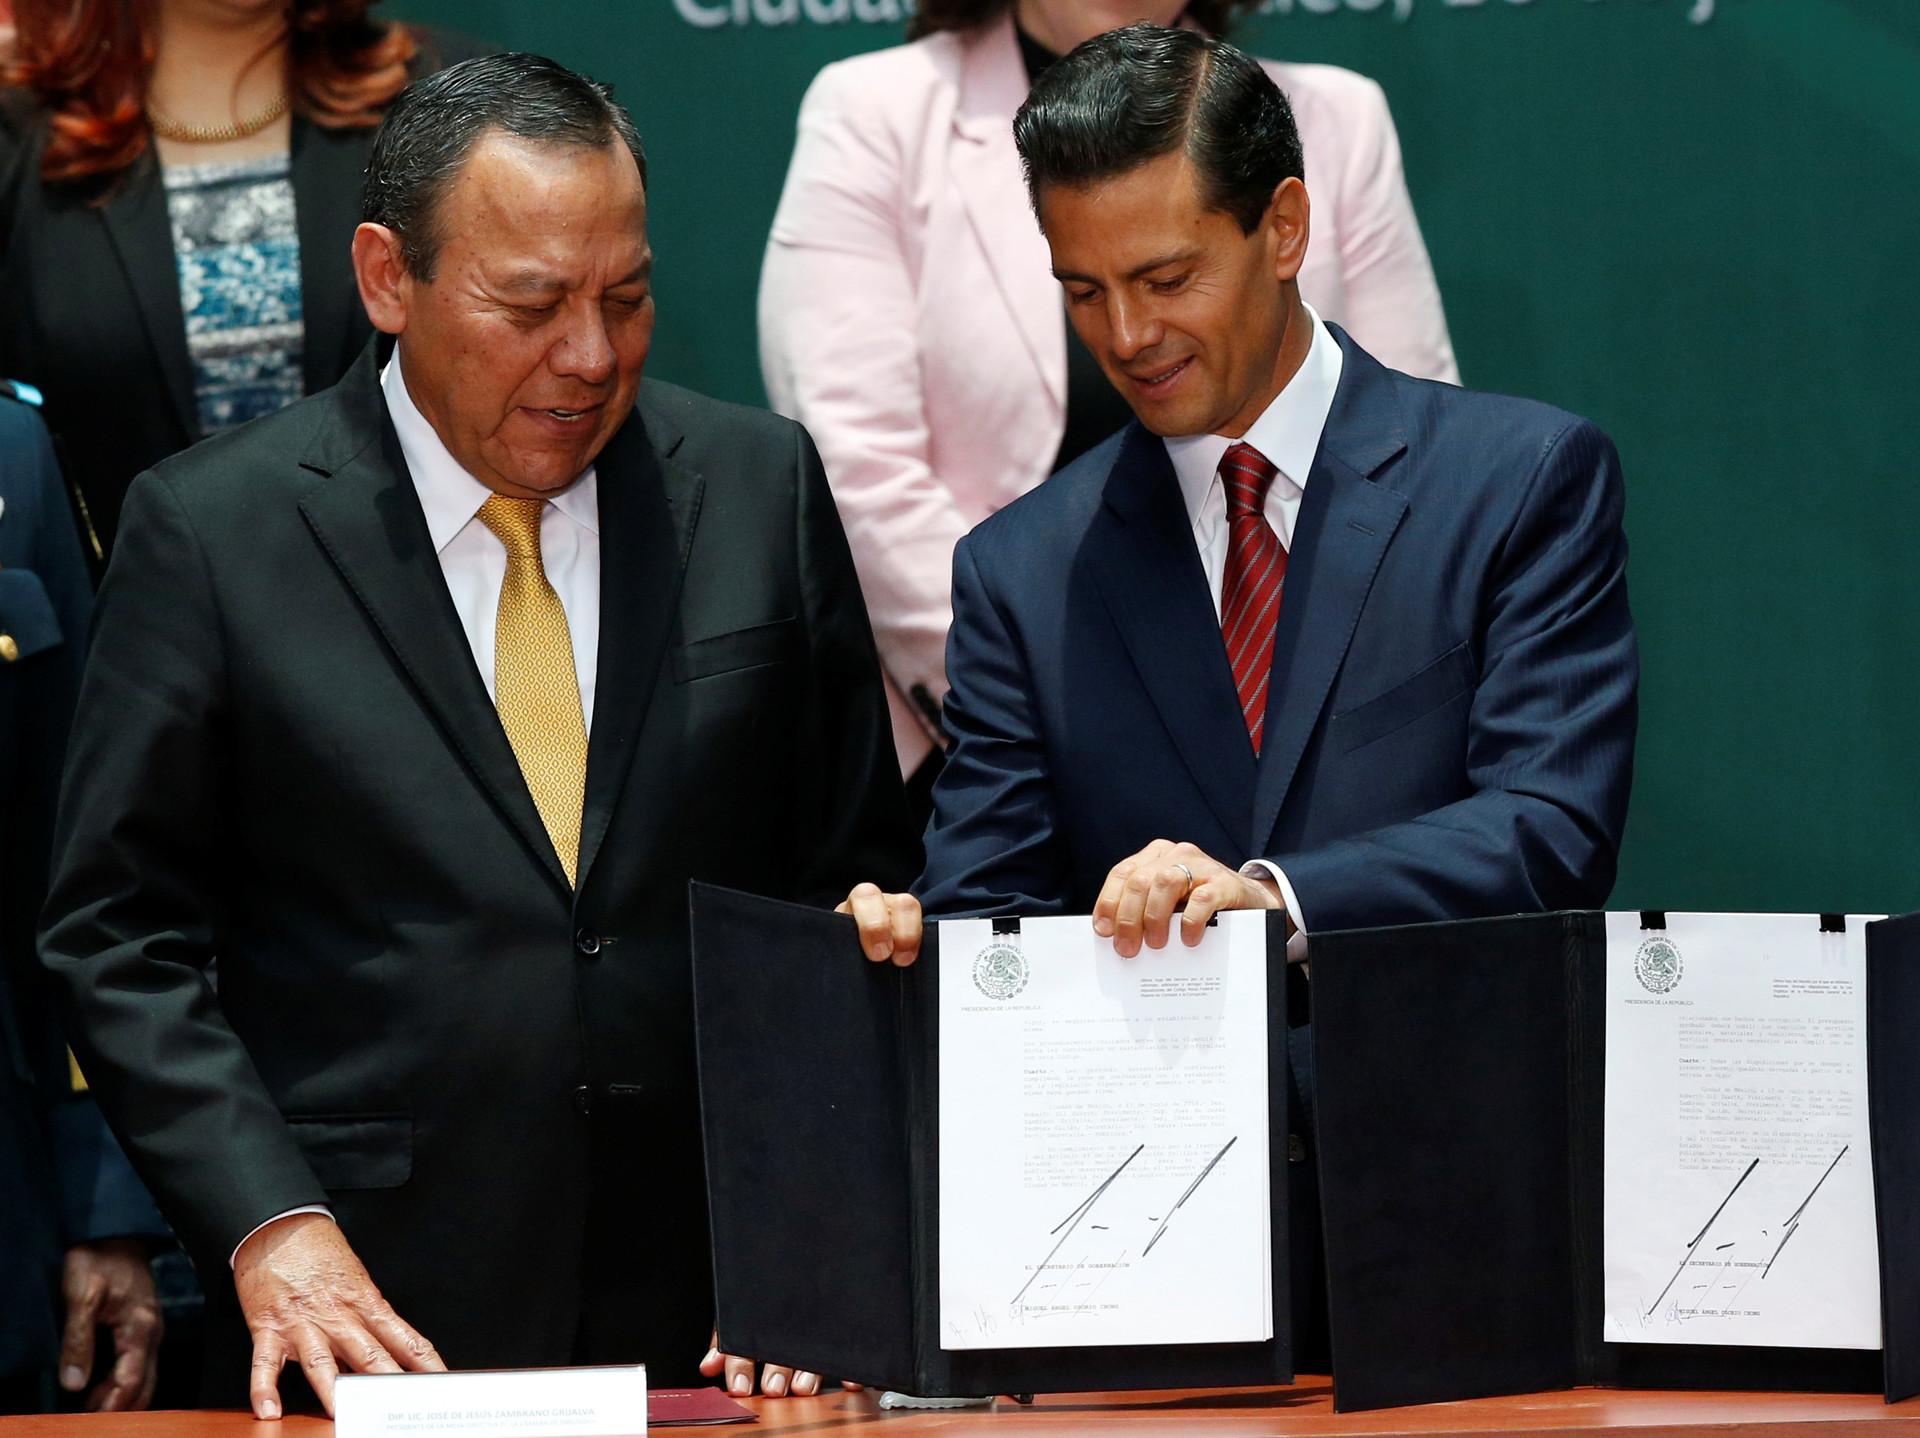 El presidente de México, Enrique Peña Nieto, entrega documentos al congresista mexicano Jesús Zambrano durante la promulgación de la Ley Nacional Anticorrupción, el 18 de julio de 2016.